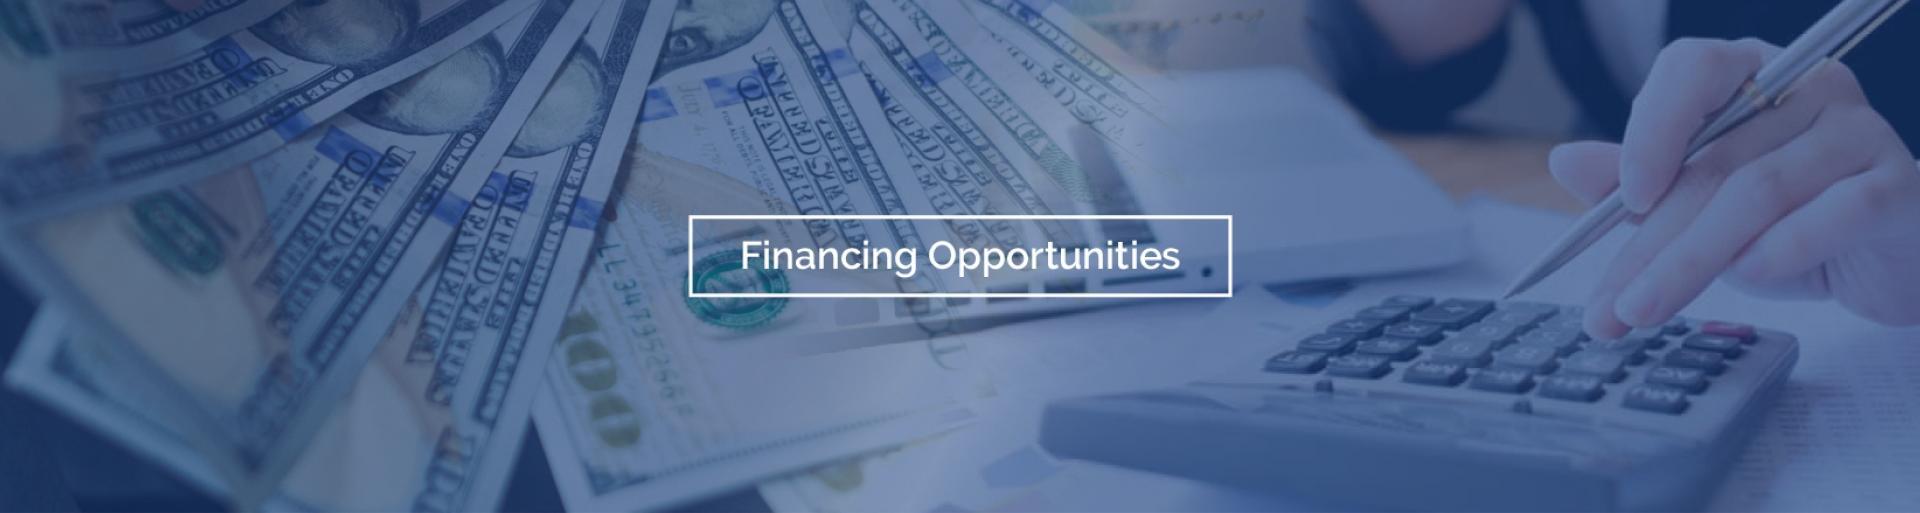 Finance opp slider